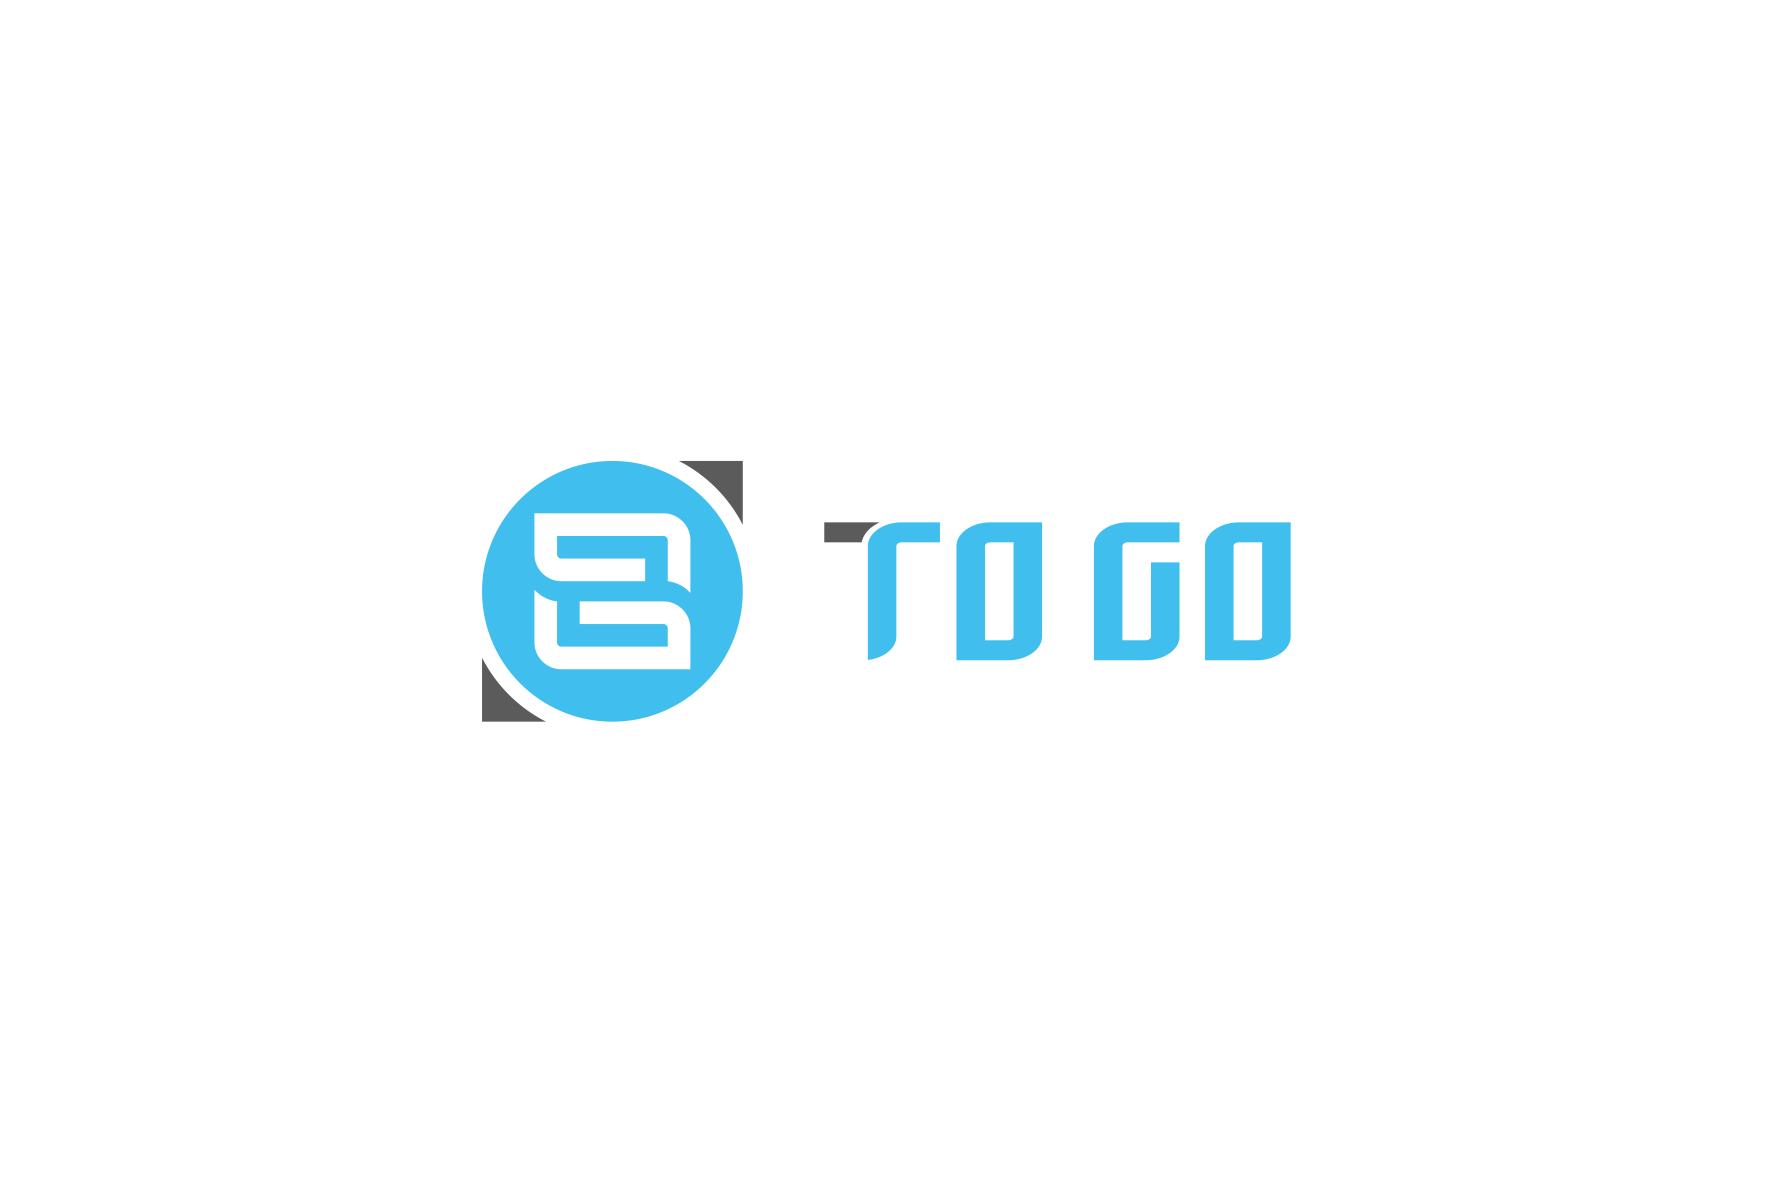 Разработать логотип и экран загрузки приложения фото f_3145a82785cbaae0.png